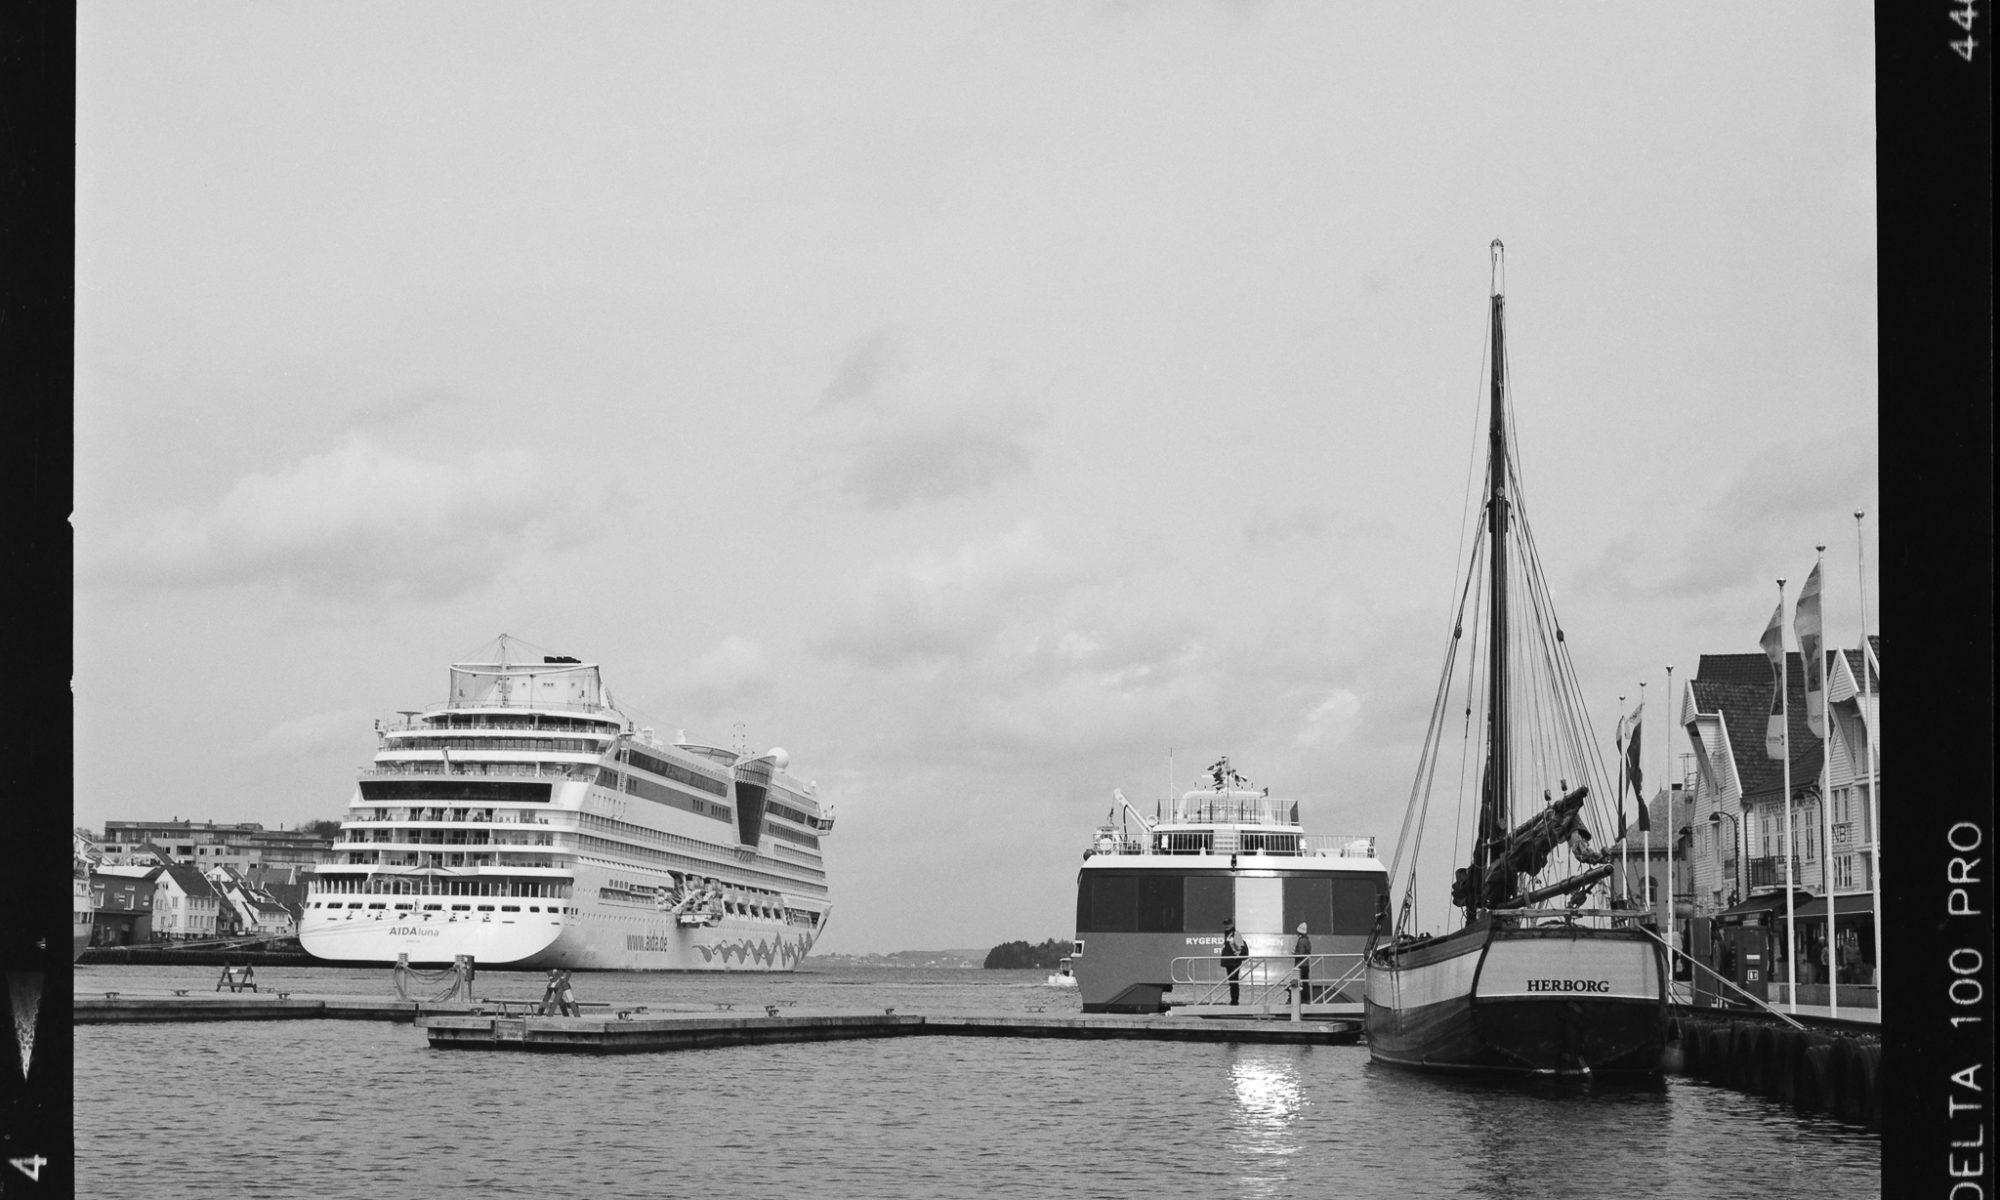 AIDAluna in Stavanger - Aufgenommen mit Hasselblad 500CM auf Ilford Delta 100 Pro